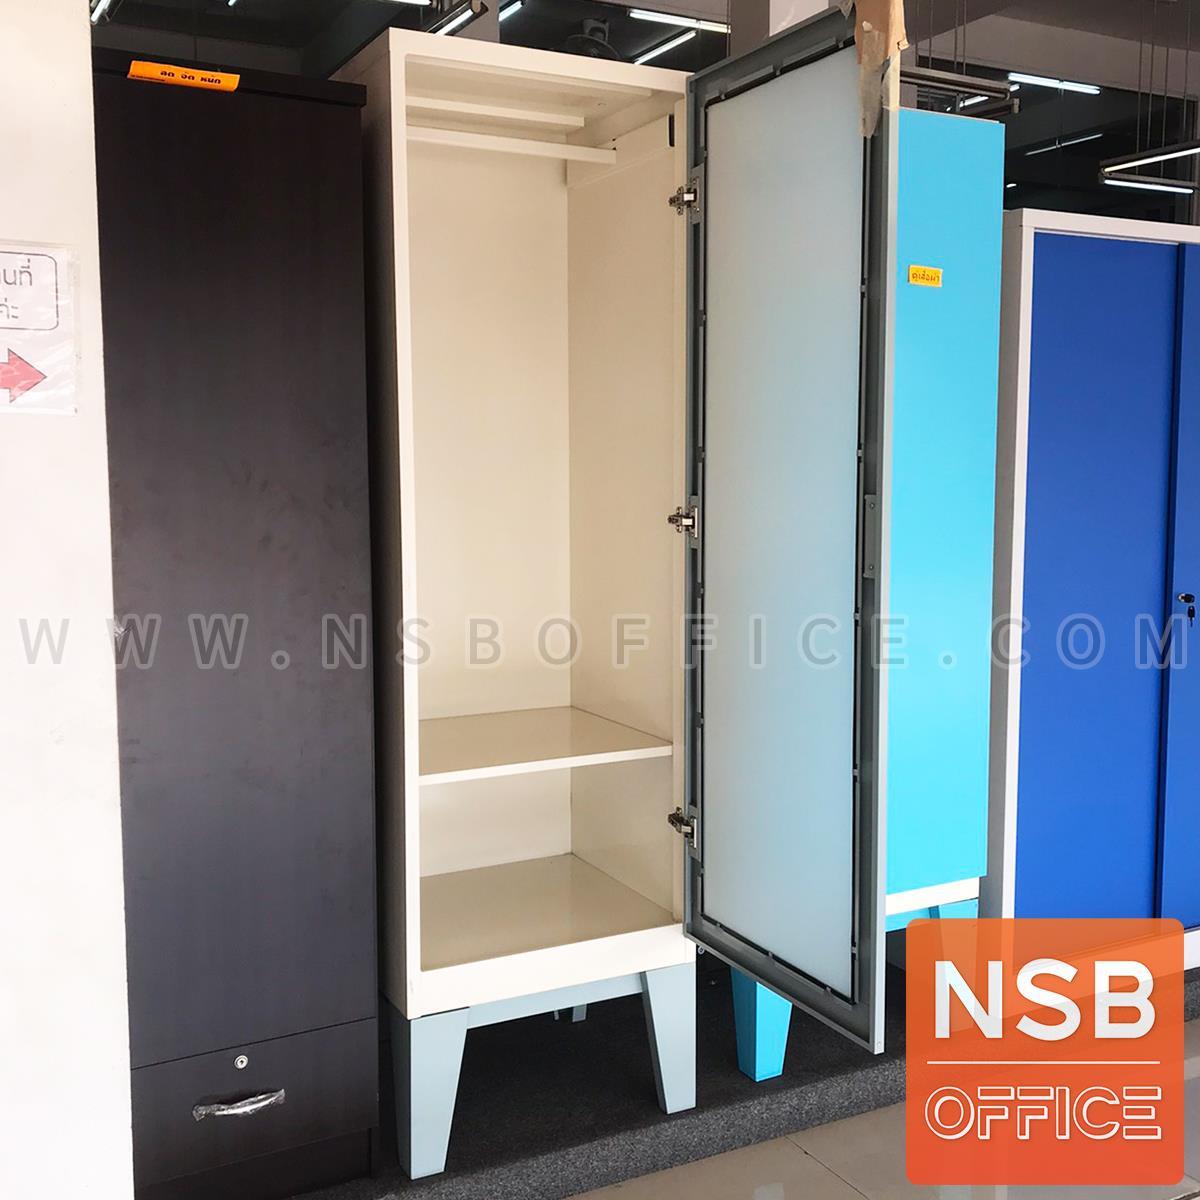 ตู้เสื้อผ้า 1 บานเปิดสูง 60W*56D*200H cm. ขาลอย รุ่น WD-01